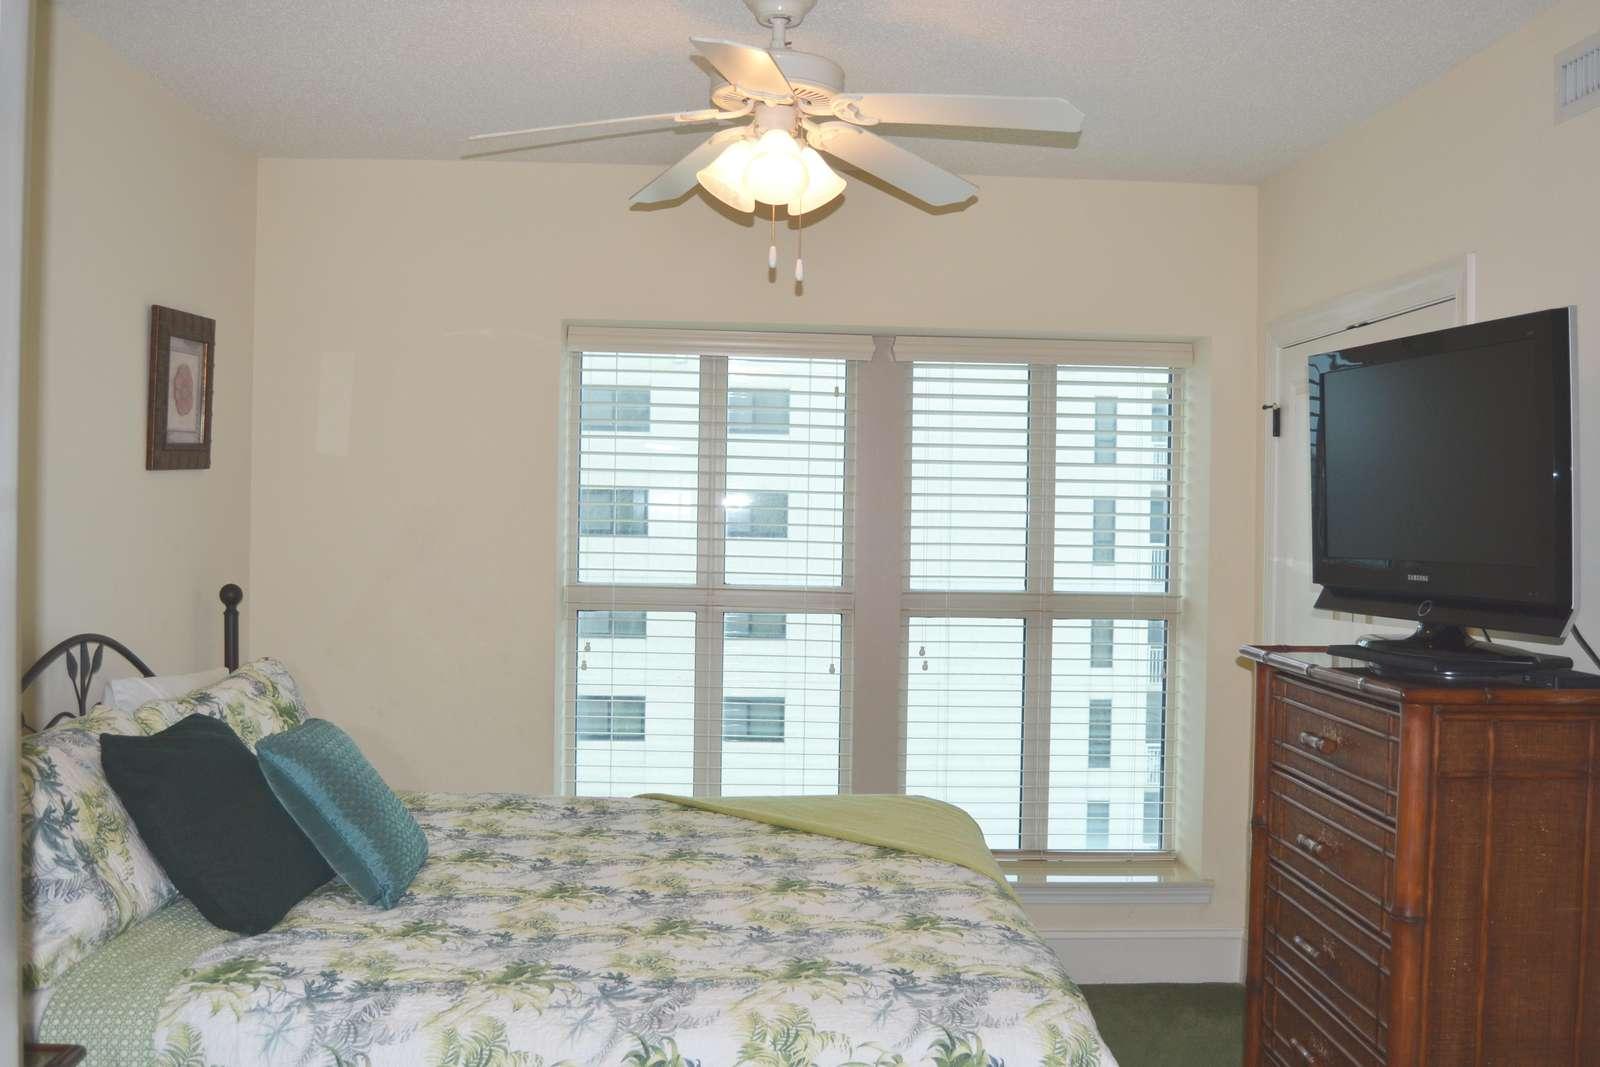 Guest bedroom, king bed, ocean views